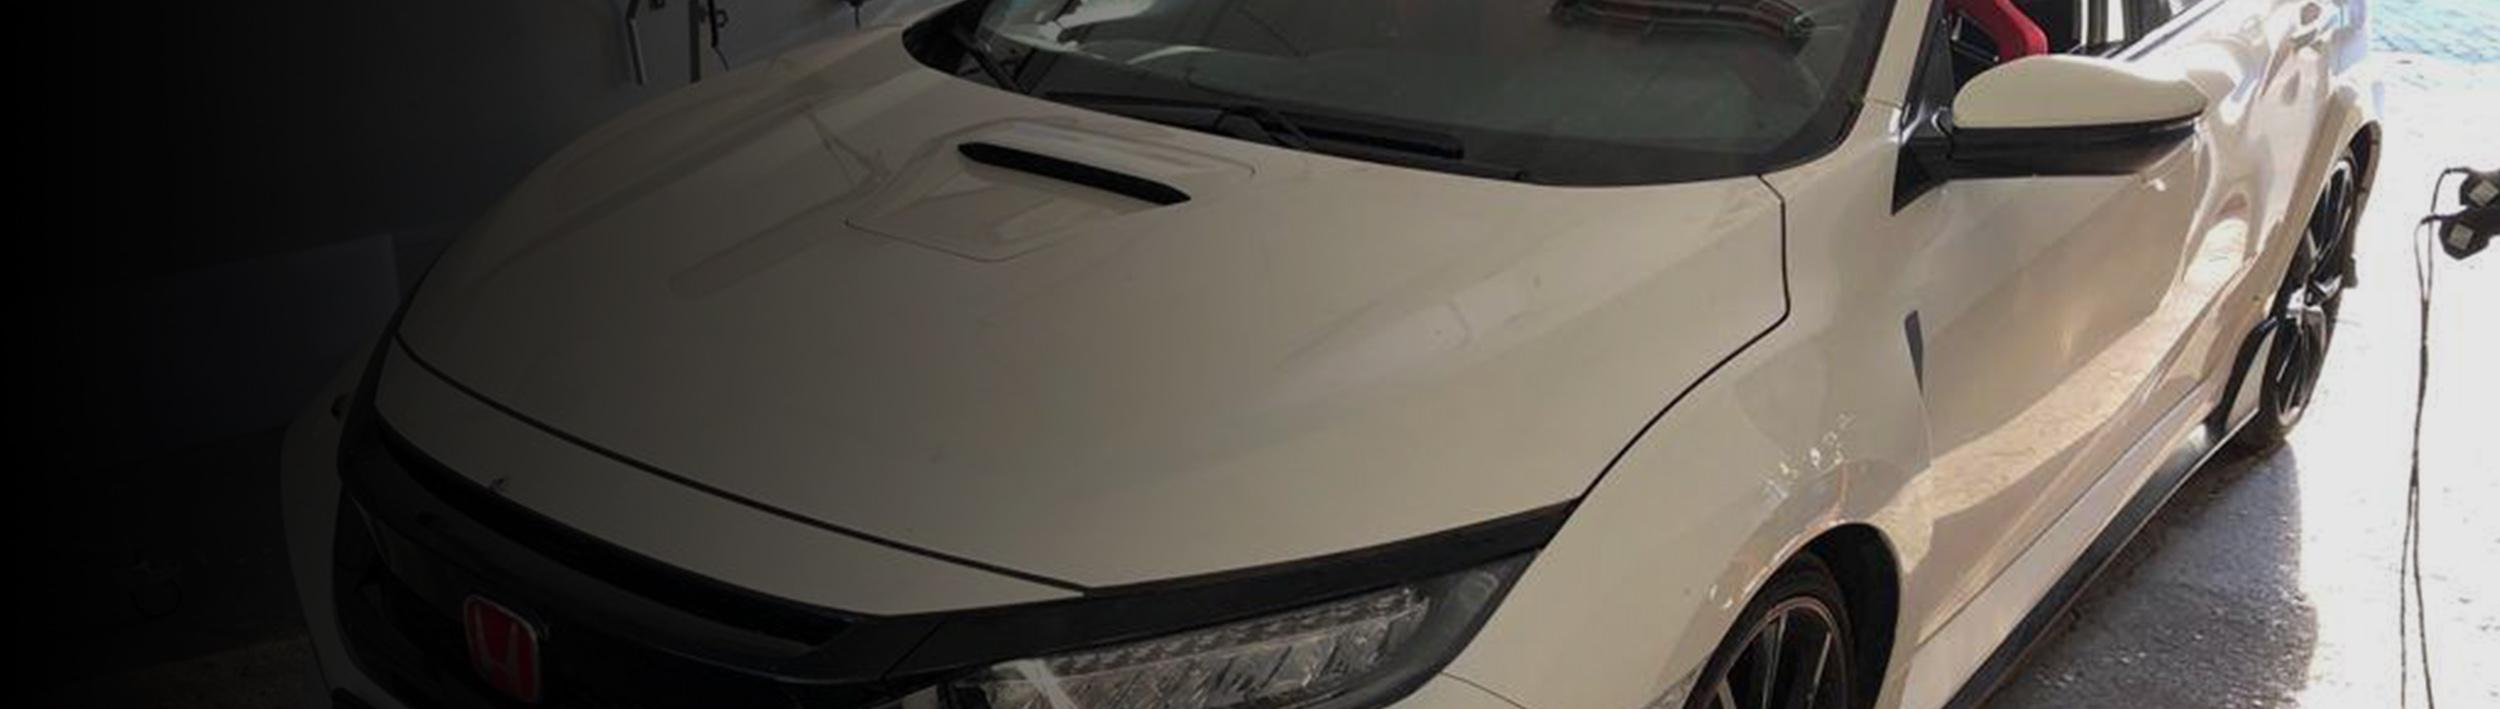 Usuwanie wgnieceń z karoserii samochodu